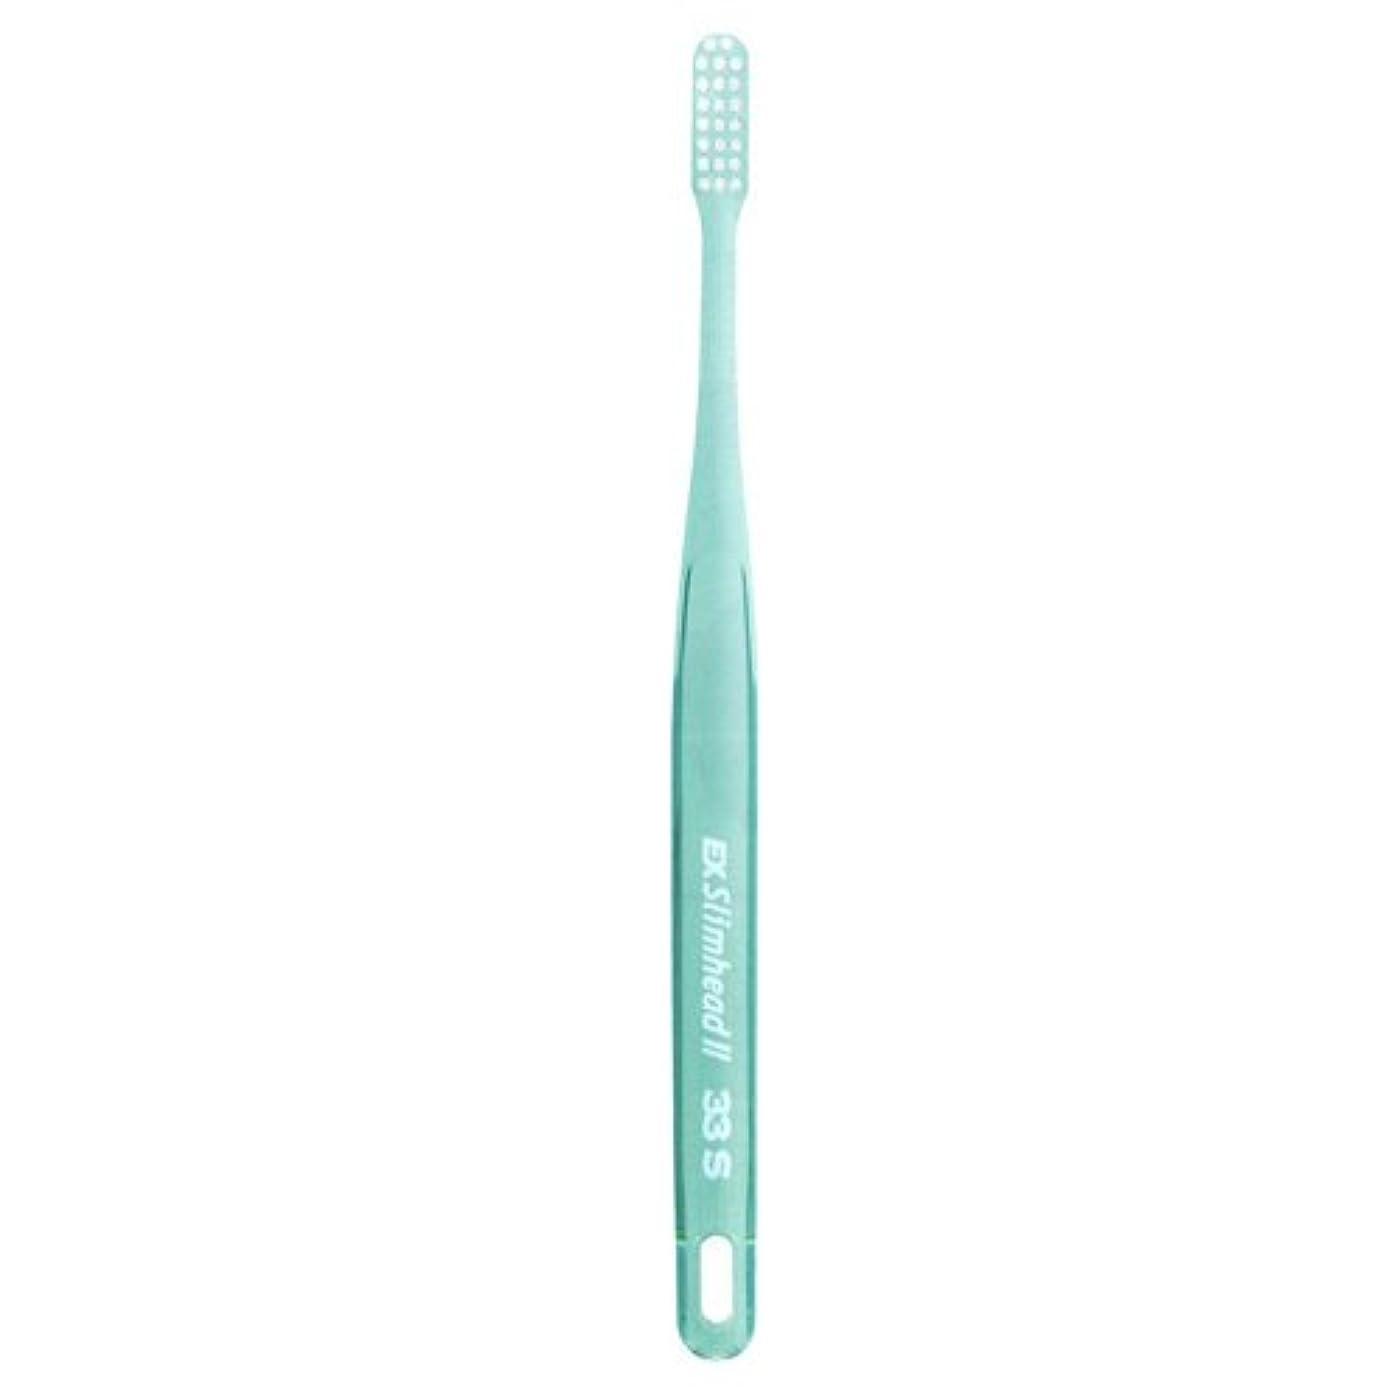 精巧な巧みな魅力的であることへのアピールライオン スリムヘッド2 歯ブラシ DENT . EX Slimhead2 1本 33M クリアグリーン